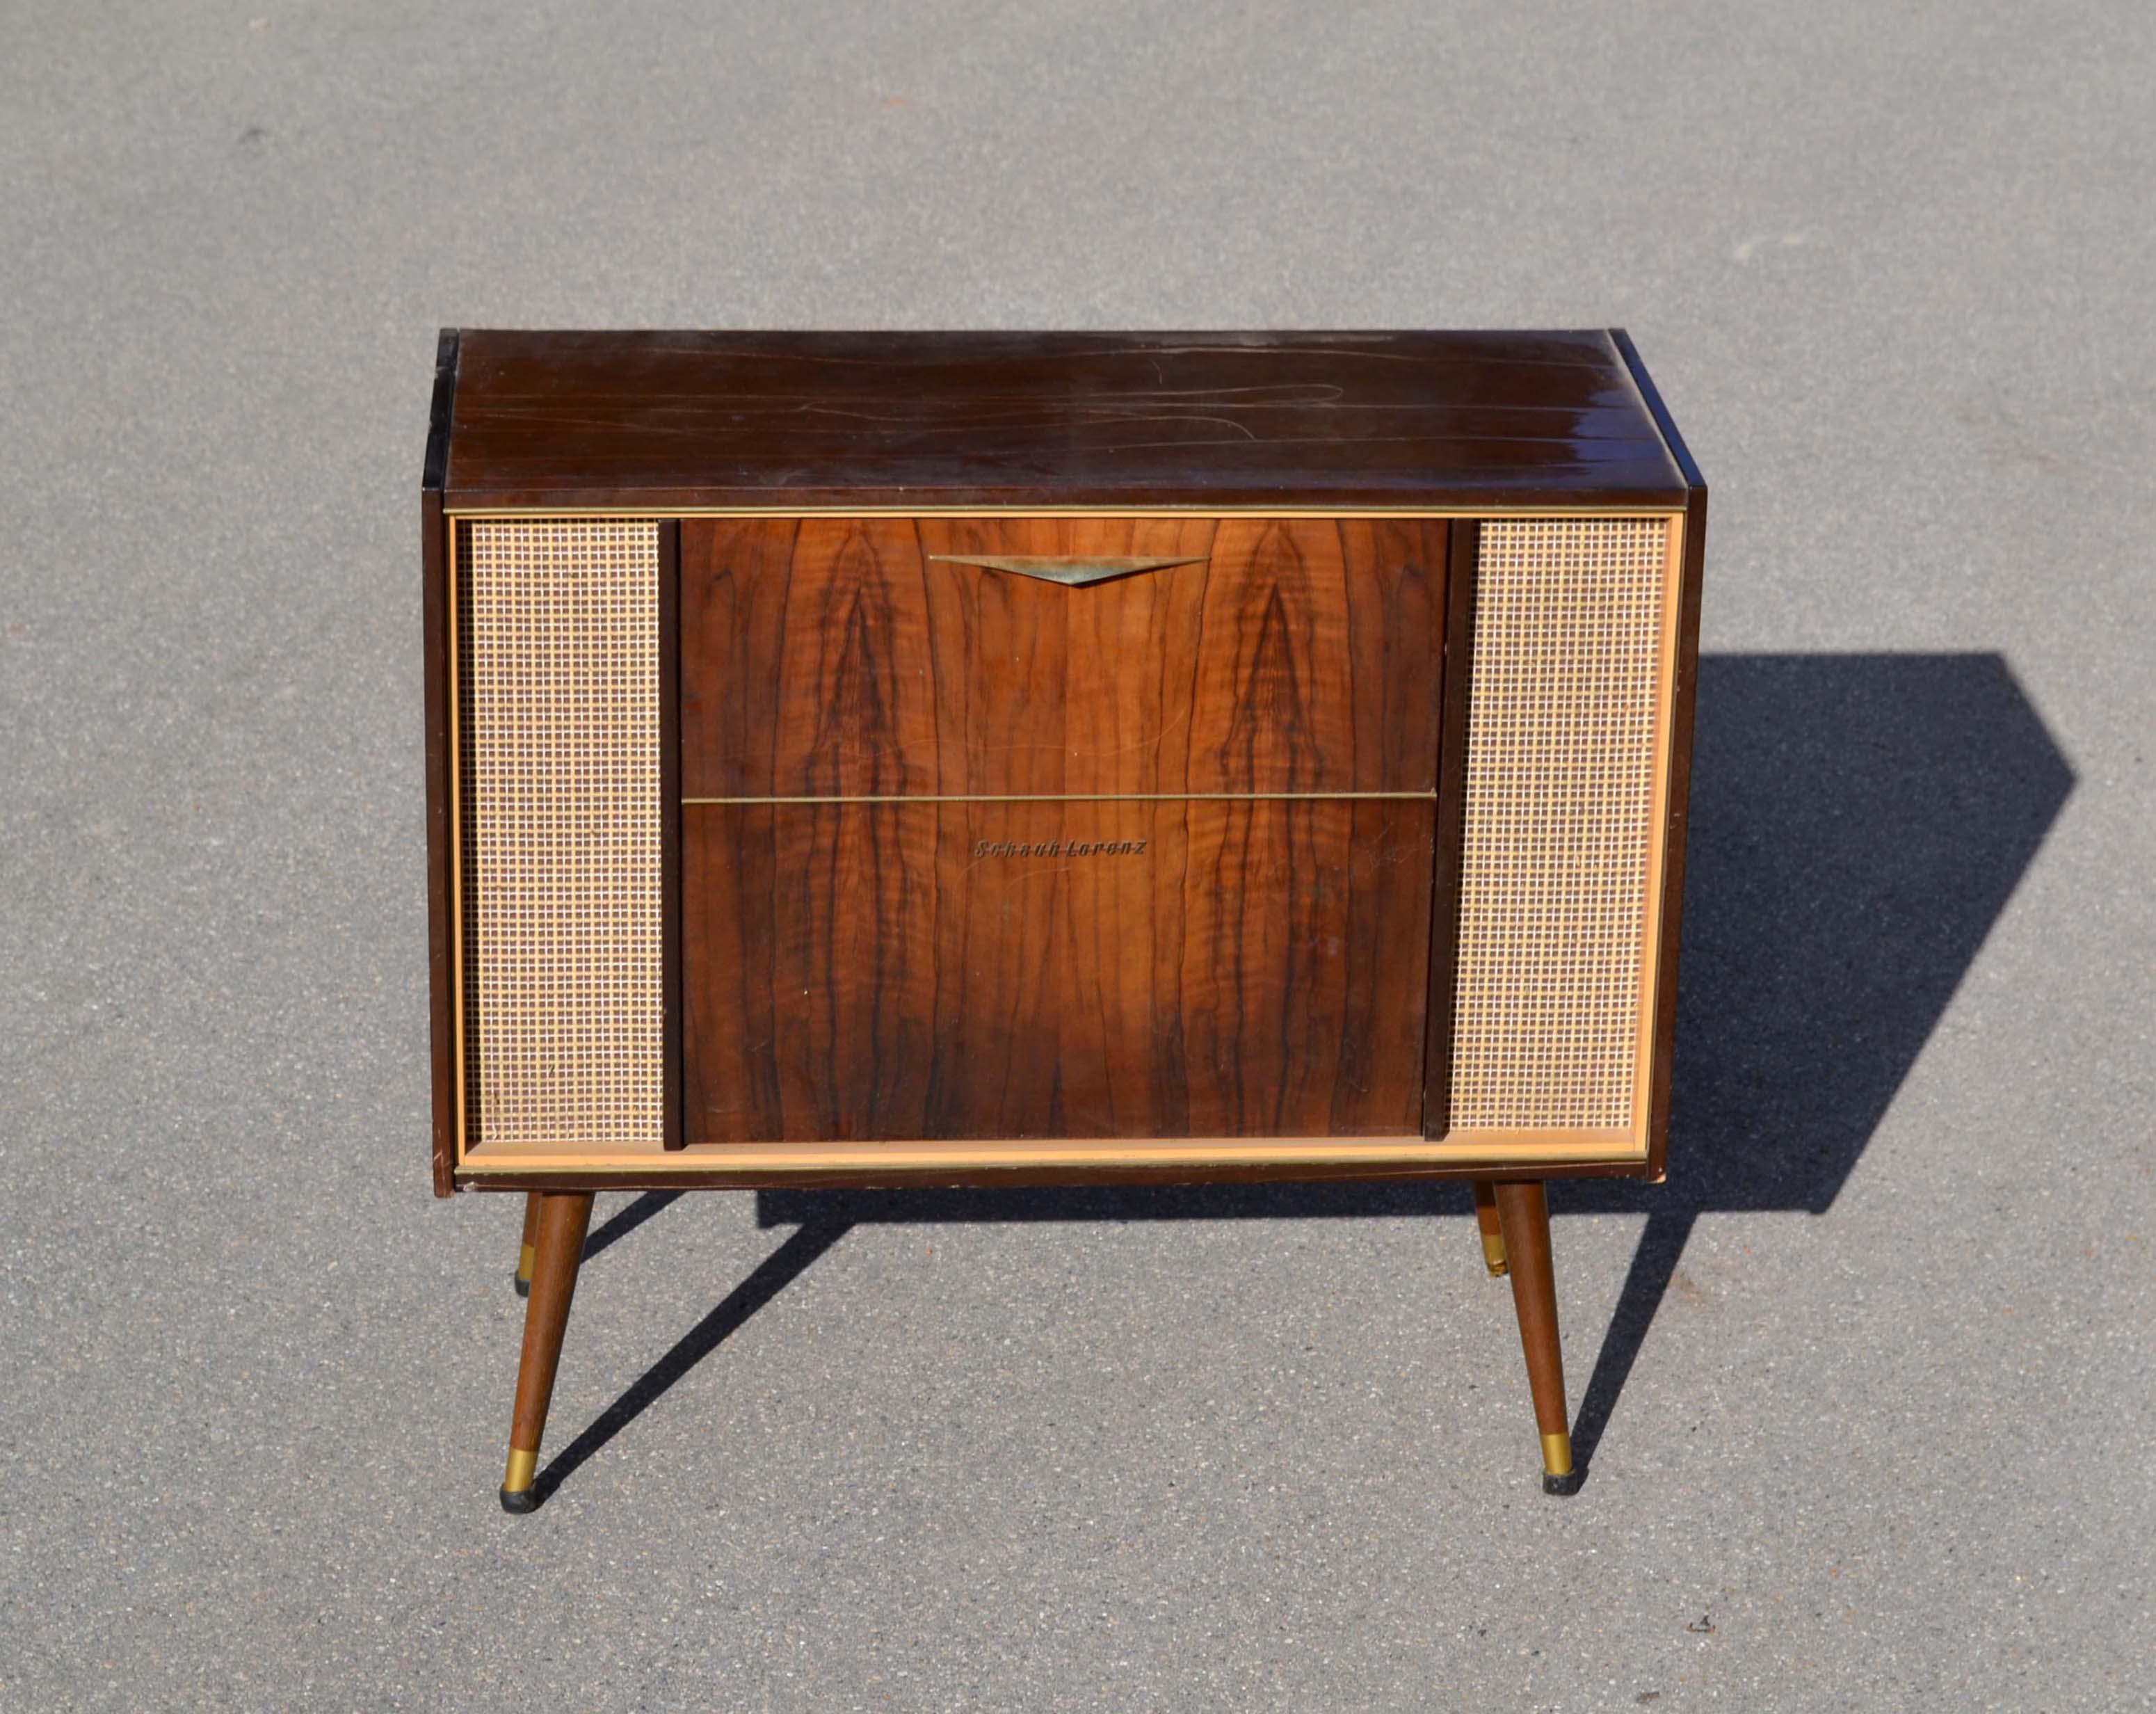 Mobilier et objets des ann es 1950 60 archives d j vendu for Marque de meuble francais